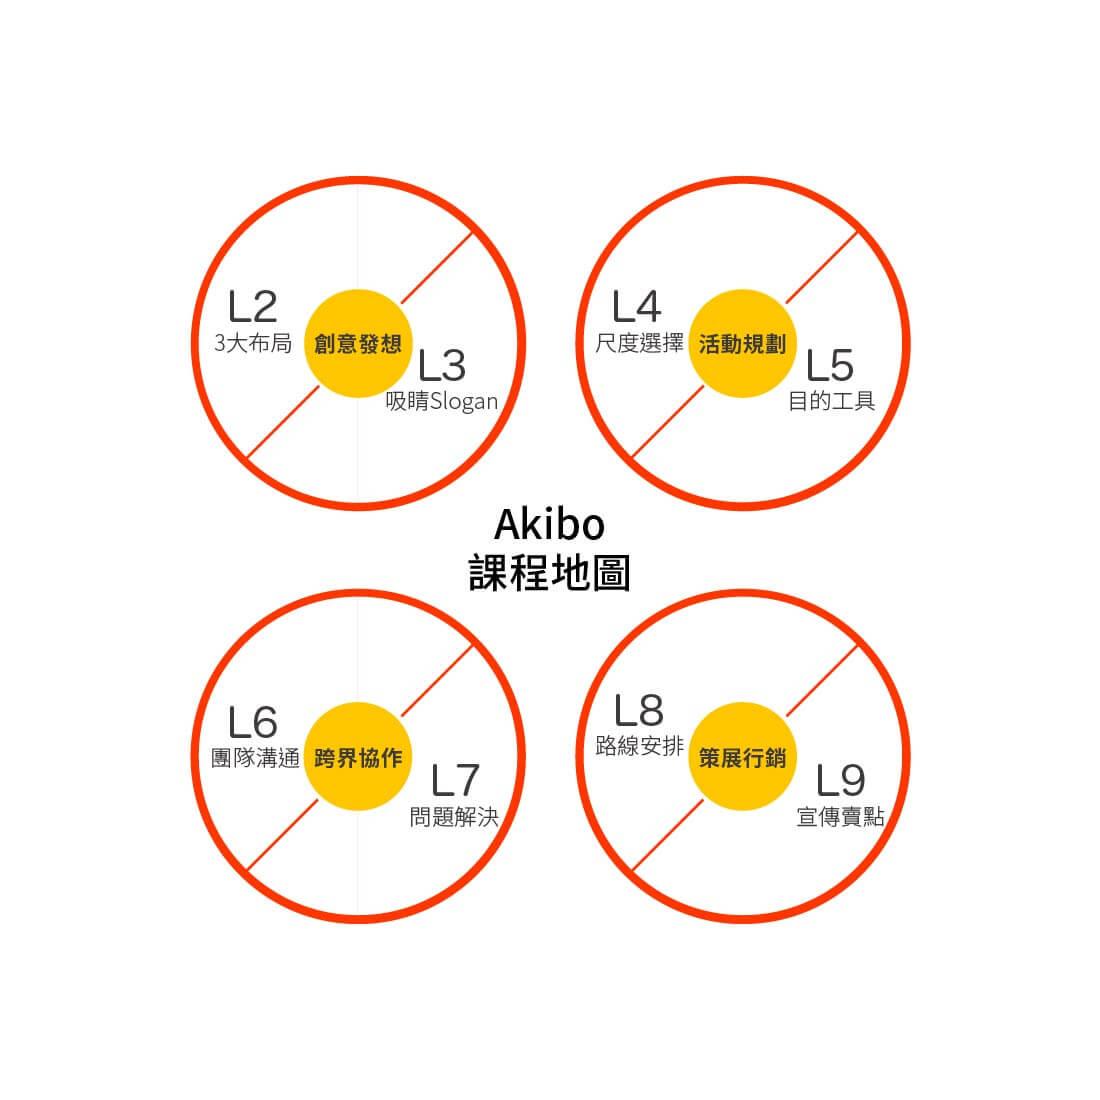 李明道akibo課程學習地圖